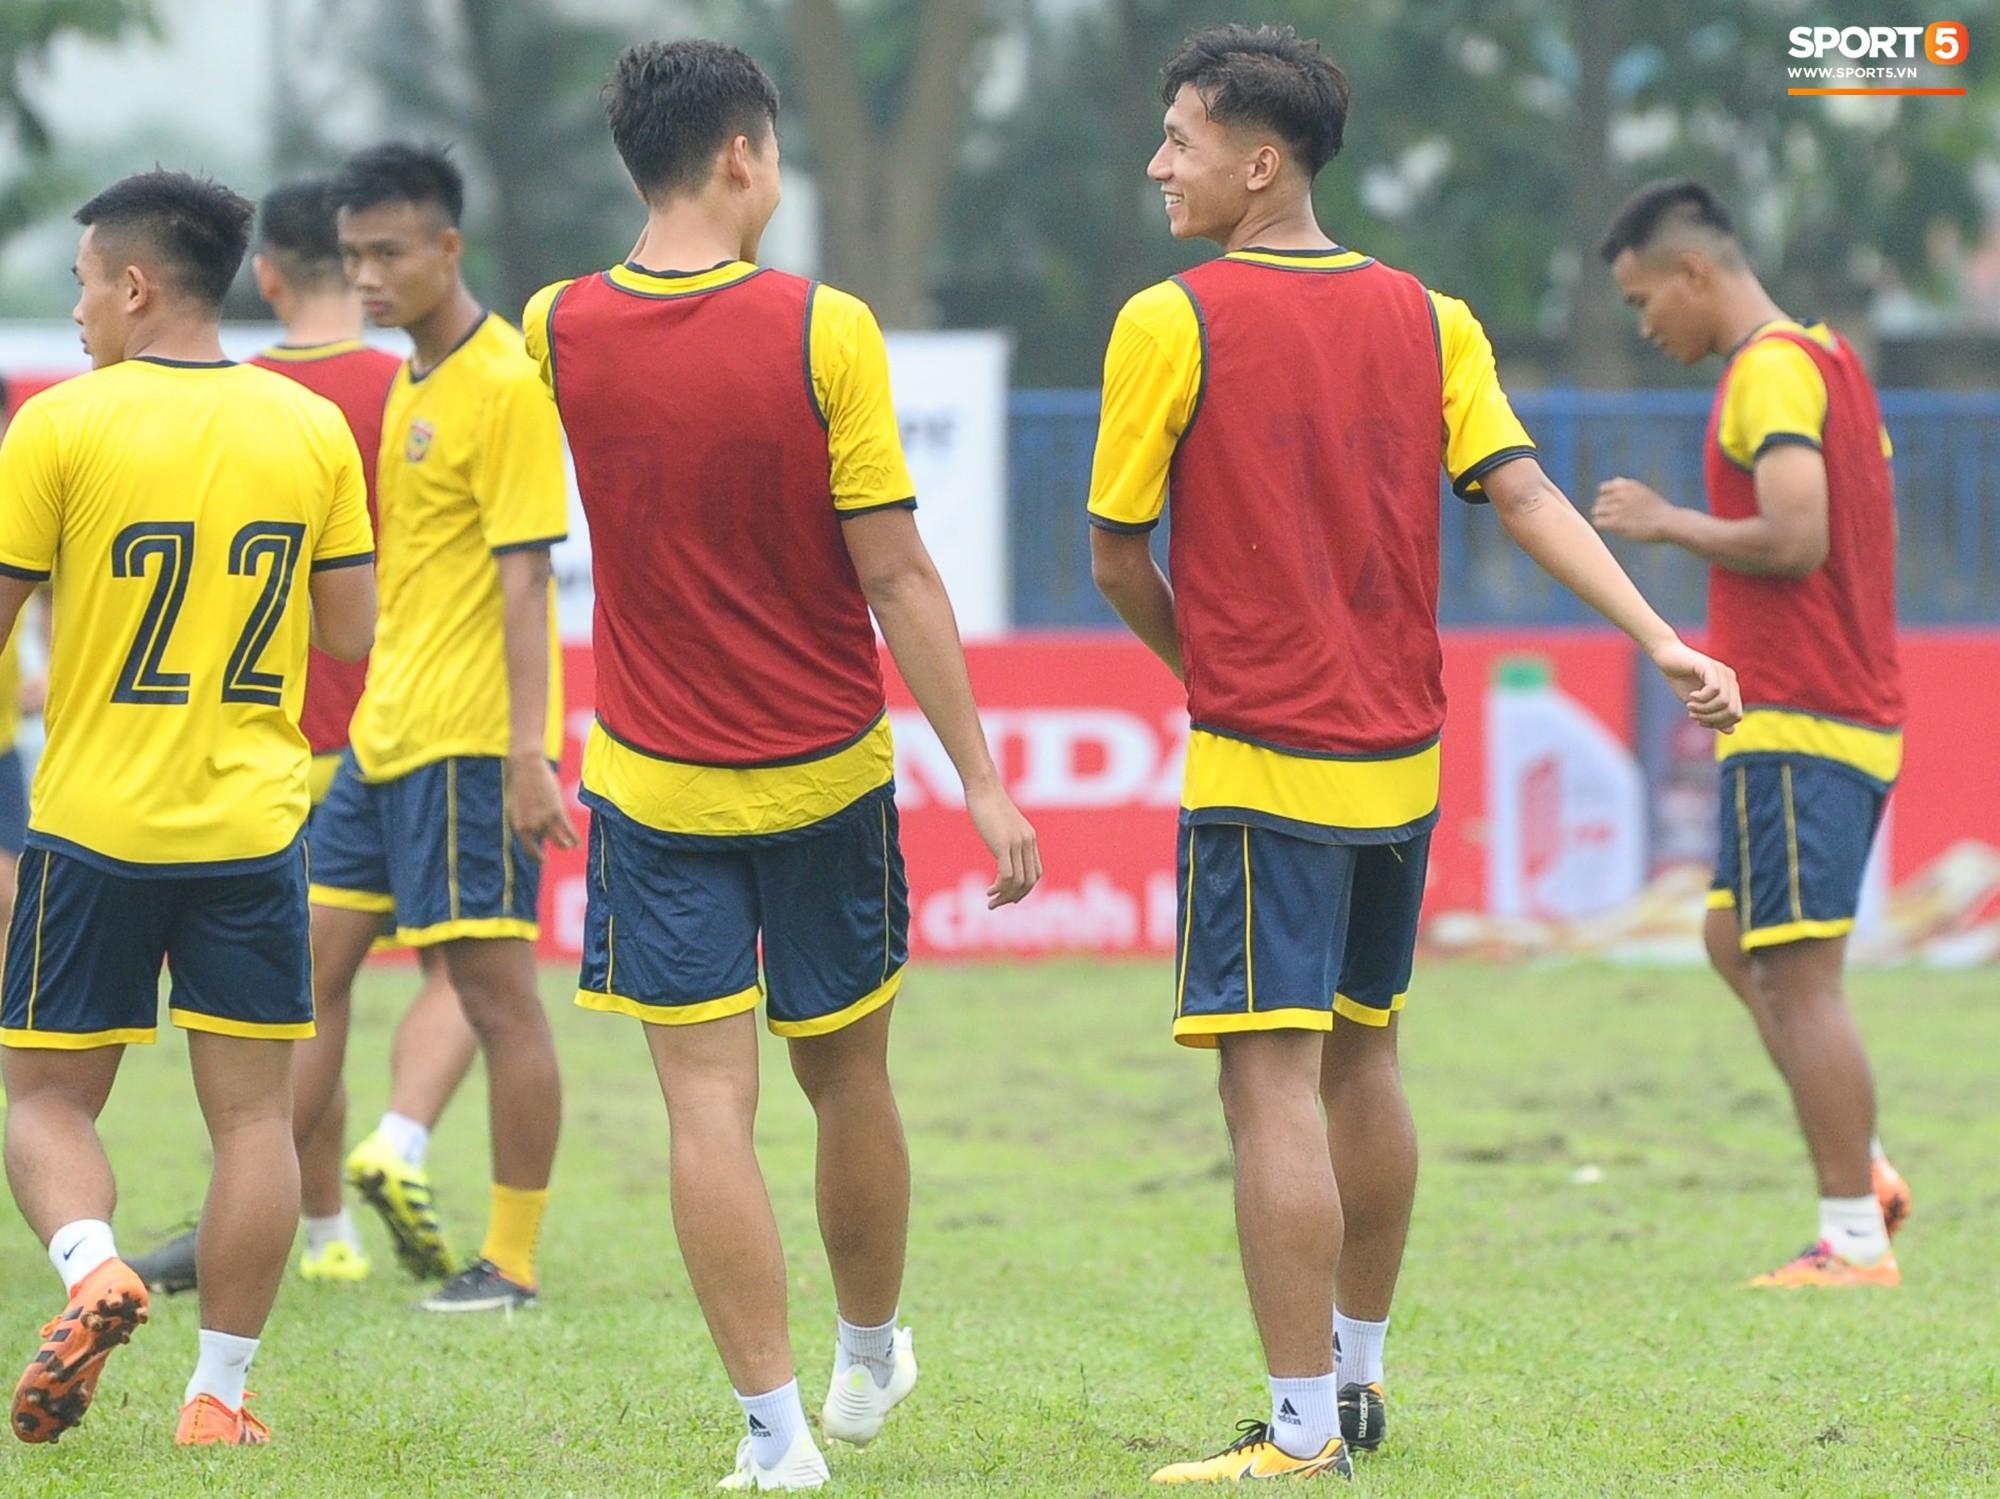 Dàn hot boy U22 Việt Nam khoác áo Hà Tĩnh FC đùa vui cực nhí nhảnh trước trận gặp Phù Đổng FC - Ảnh 4.